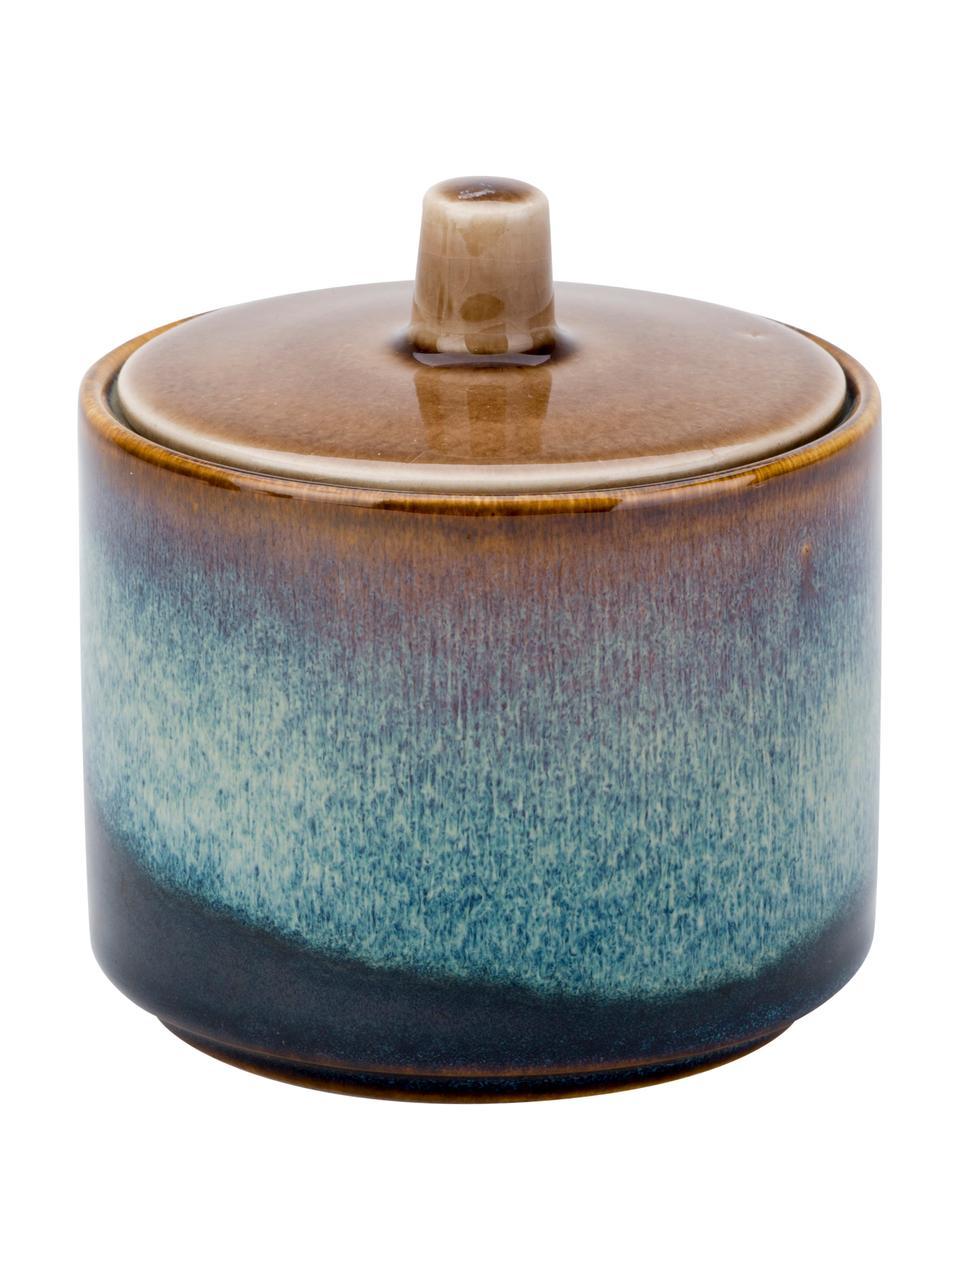 Handgemachte Zuckerdose Quintana Blue mit Farbverlauf Blau/Braun, Porzellan, Blau- und Brauntöne, Ø 8 x H 9 cm